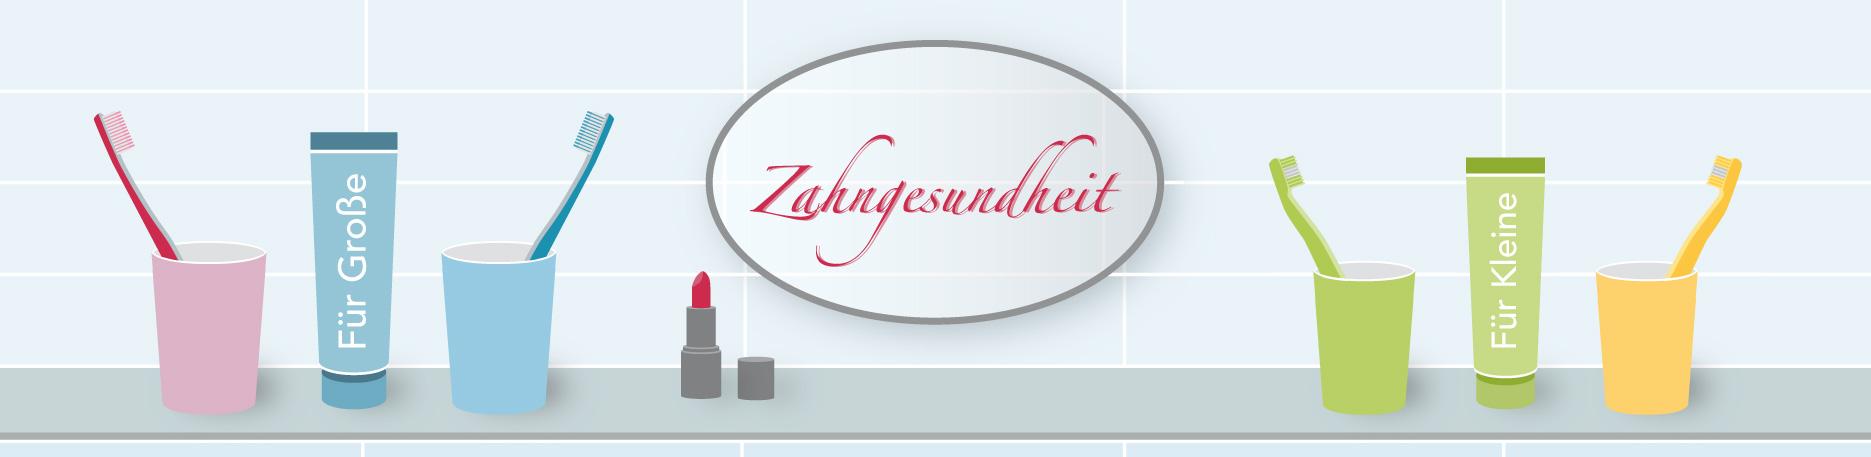 Titelbild der Seite Kieferchirurgie - Zahnarztpraxis im Zerbster Zentrum - Zahnarzt Dr. med. Bernd Lux